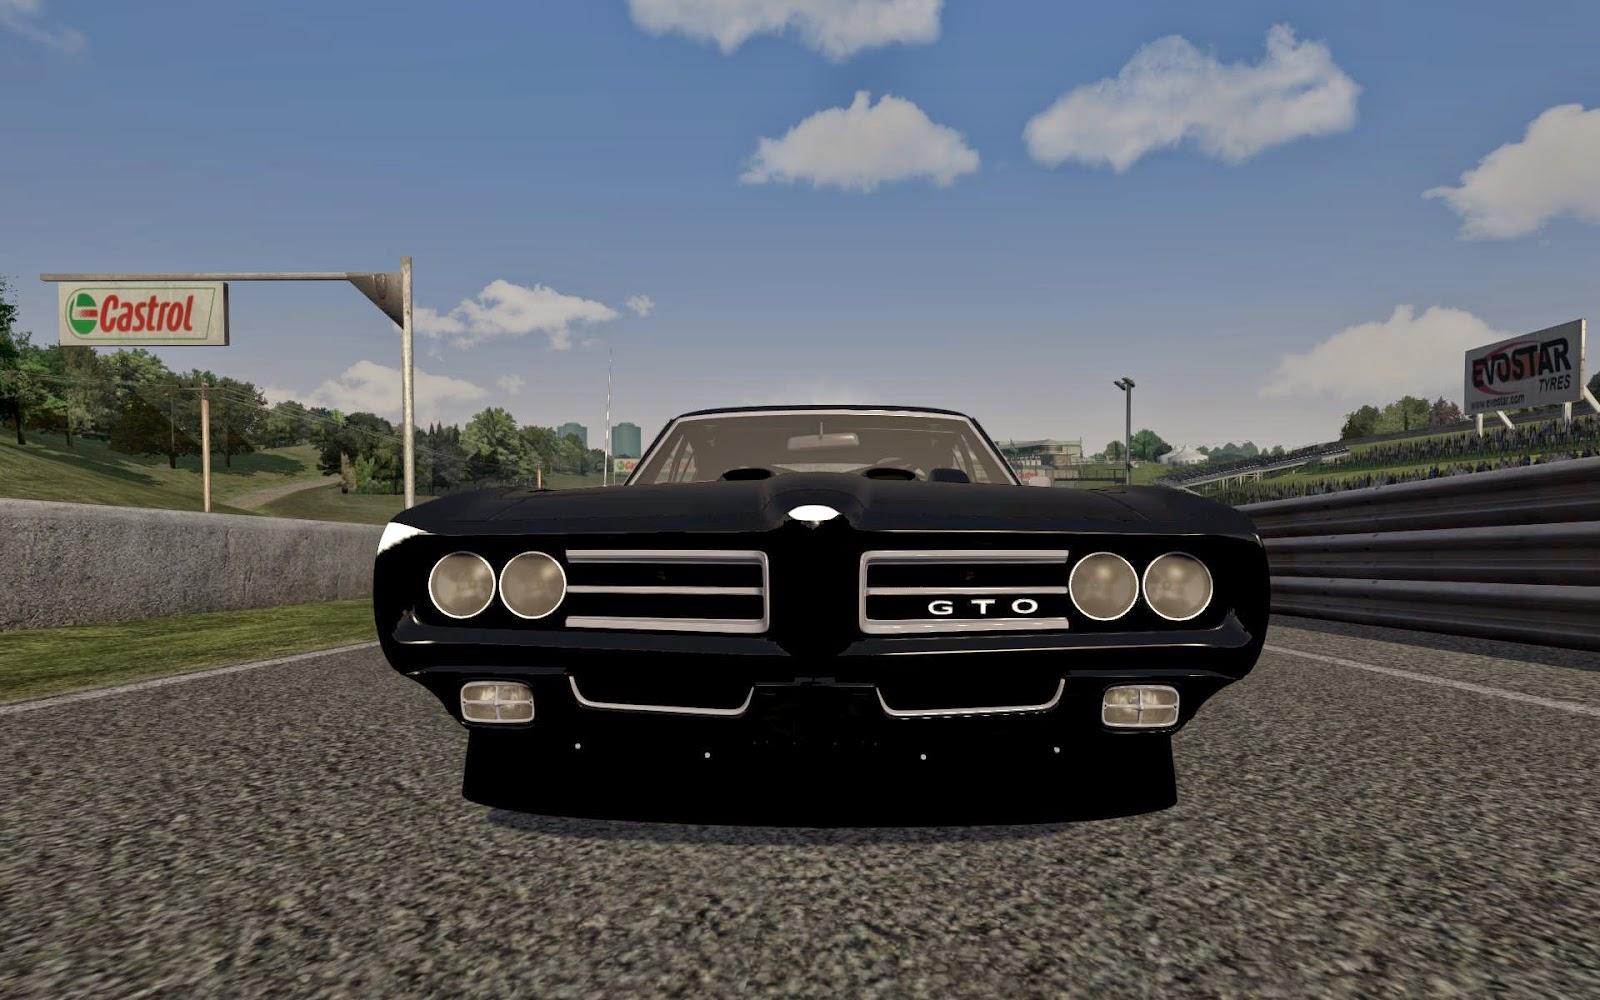 Assetto Corsa 69 Pontiac GTO Preview ~ The Sim Review